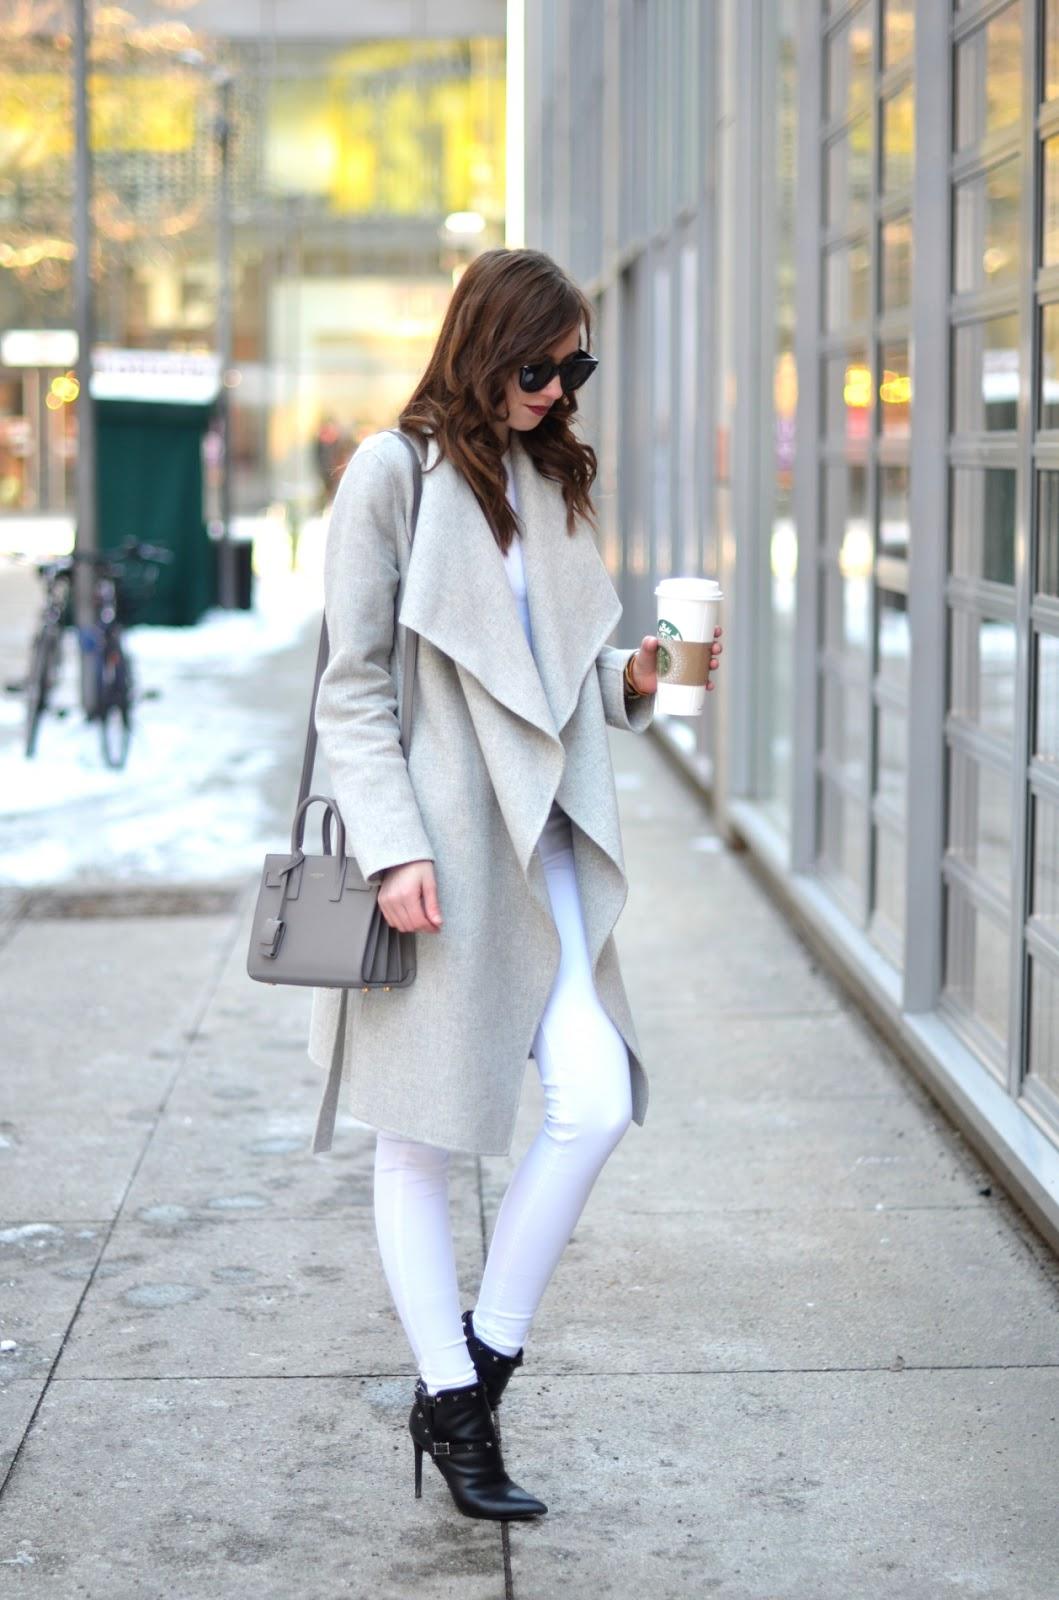 Vogue Haus - Grey Coat, Saint Laurent Bag, White Jeans @FashionInMySoul